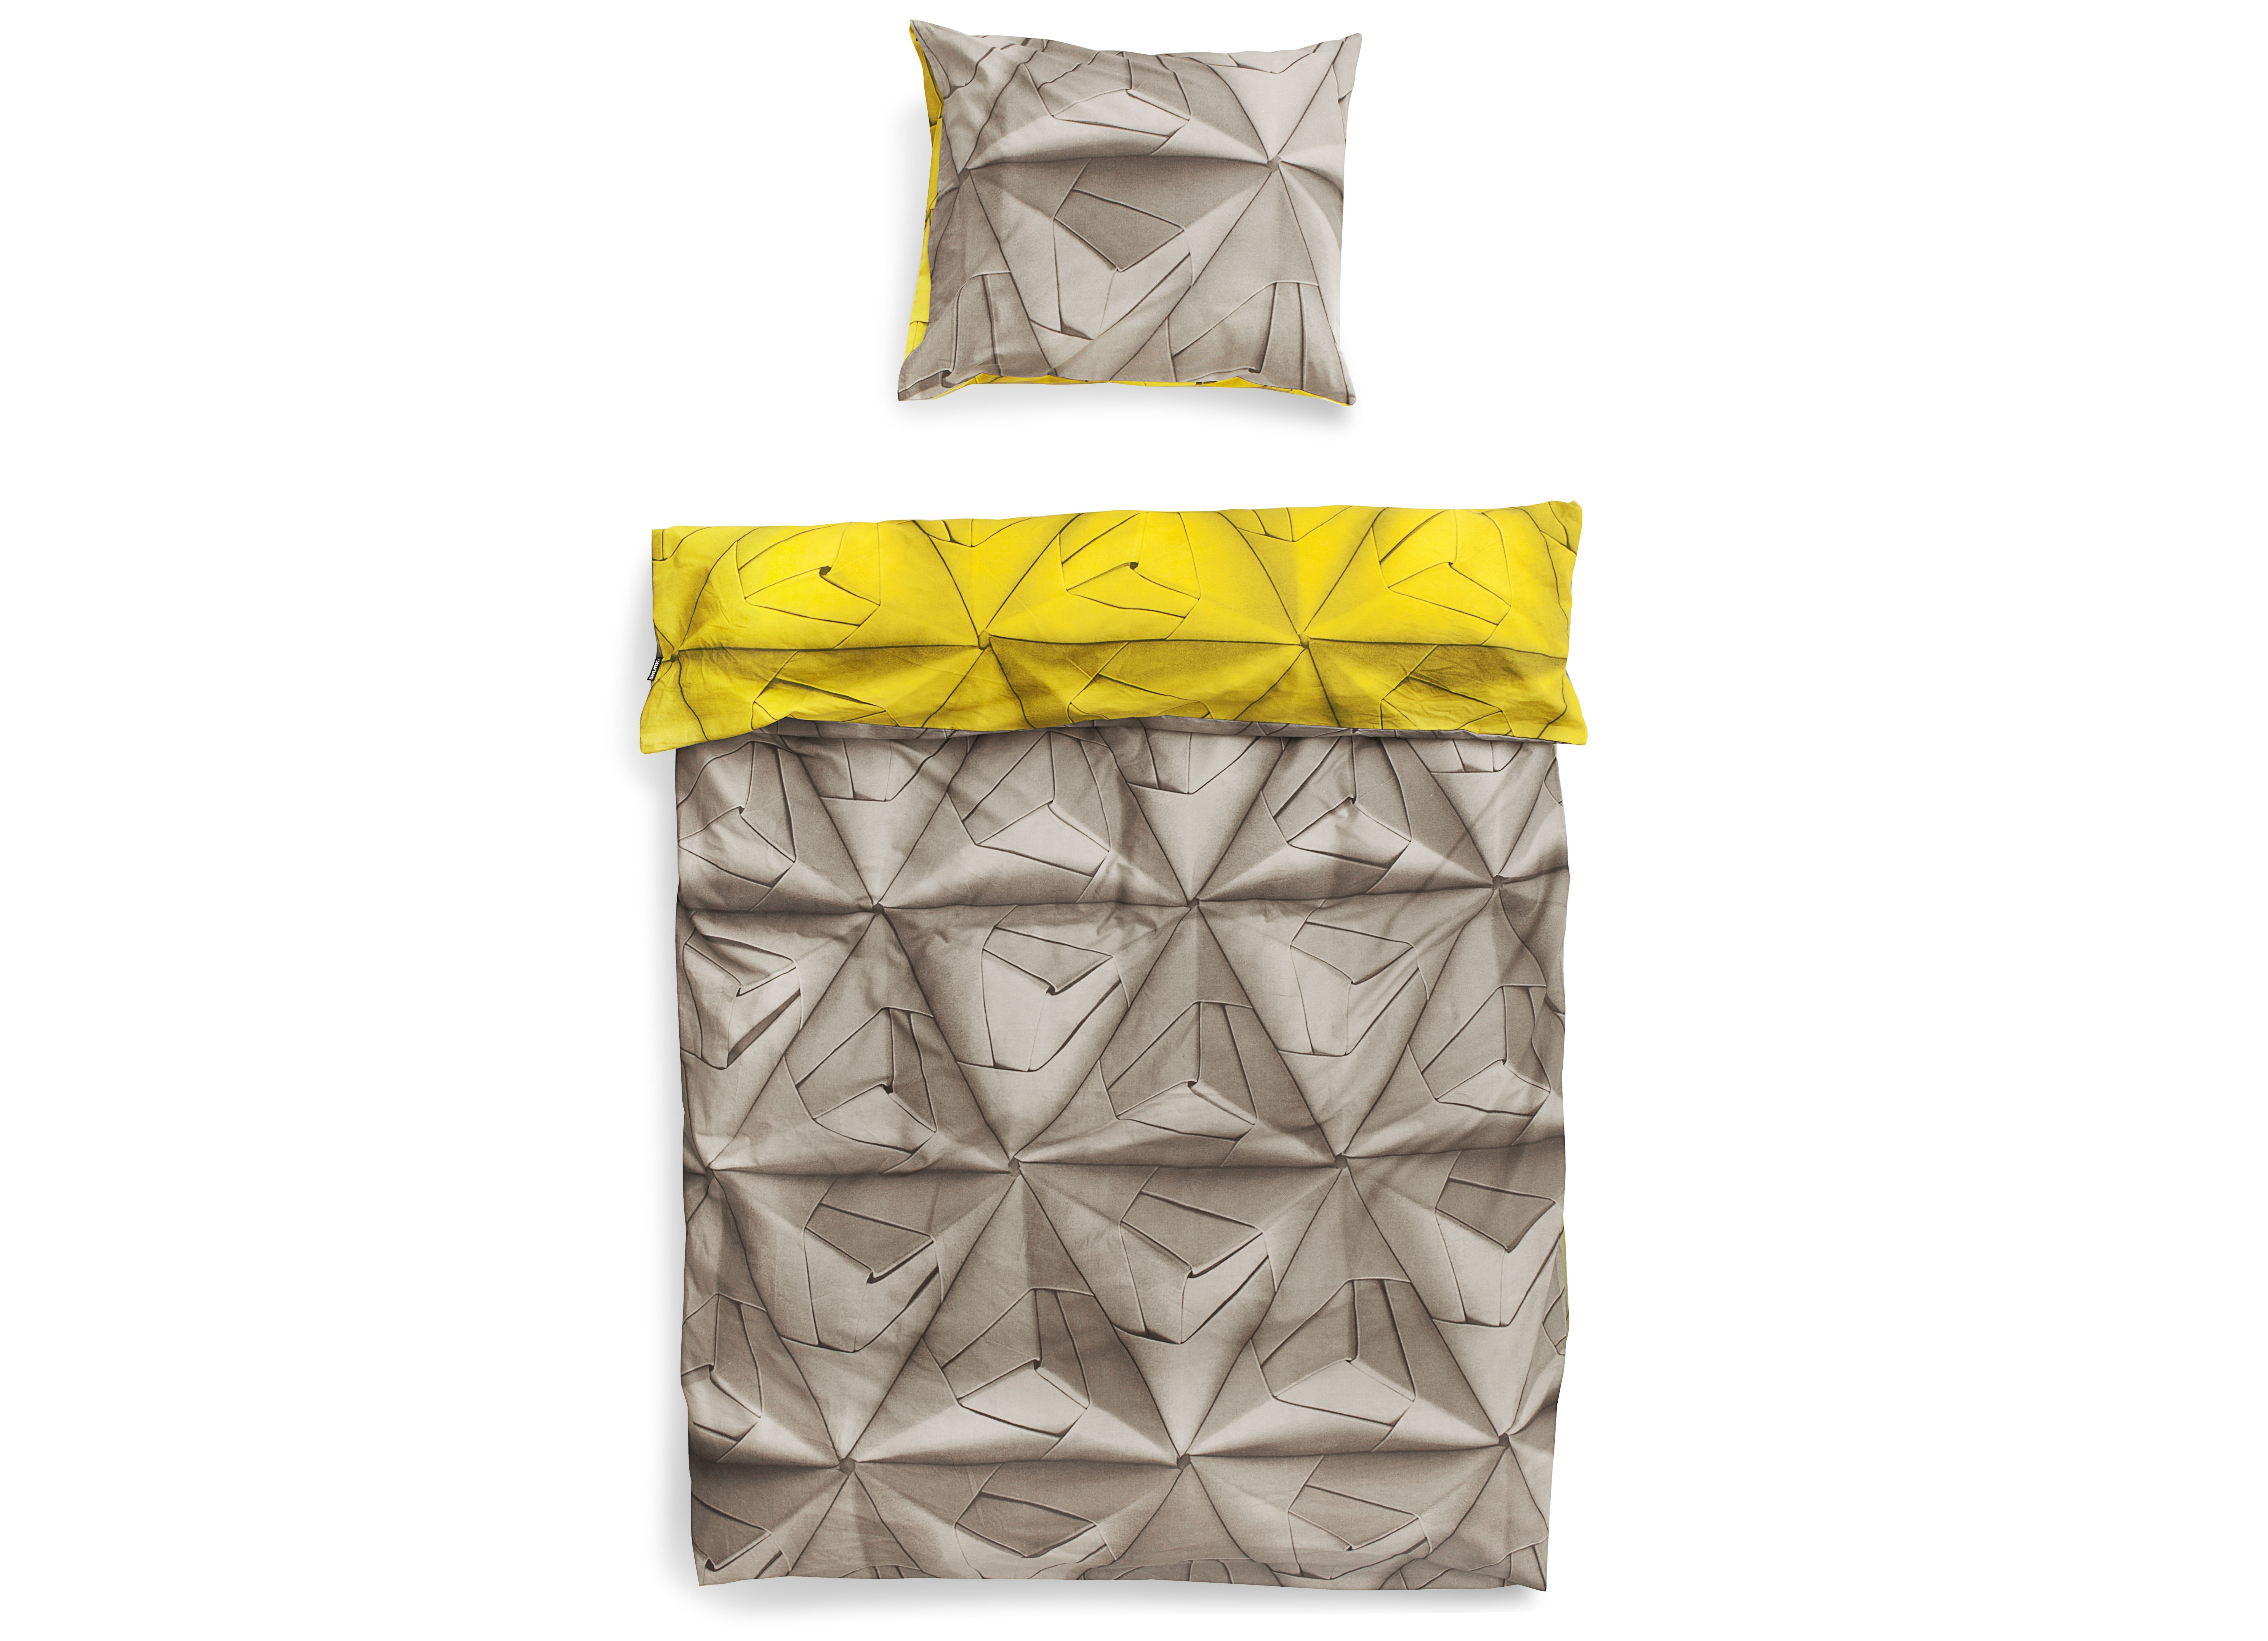 Комплект постельного белья Оригами желтыйПолутороспальные комлпекты постельного белья<br>Мы обновили наш известный принт Geogami. Раньше он был пестрым, а теперь в нем сочетаются два контрастных цвета. На одной стороне-нейтральный серый цвет, а на другой-остромодный! Комплект существует в горчичном, васильковом и коралловом оттенках.&amp;amp;nbsp;&amp;lt;div&amp;gt;&amp;lt;br&amp;gt;&amp;lt;/div&amp;gt;&amp;lt;div&amp;gt;Материал: 100% хлопок ПЕРКАЛЬ (плотность ткани 214г/м2).&amp;amp;nbsp;&amp;lt;/div&amp;gt;&amp;lt;div&amp;gt;В комплект входит: пододеяльник 150х200 см - 1 шт, наволочка 50х70 см - 1 шт.&amp;lt;/div&amp;gt;<br><br>Material: Хлопок<br>Length см: 200<br>Width см: 150